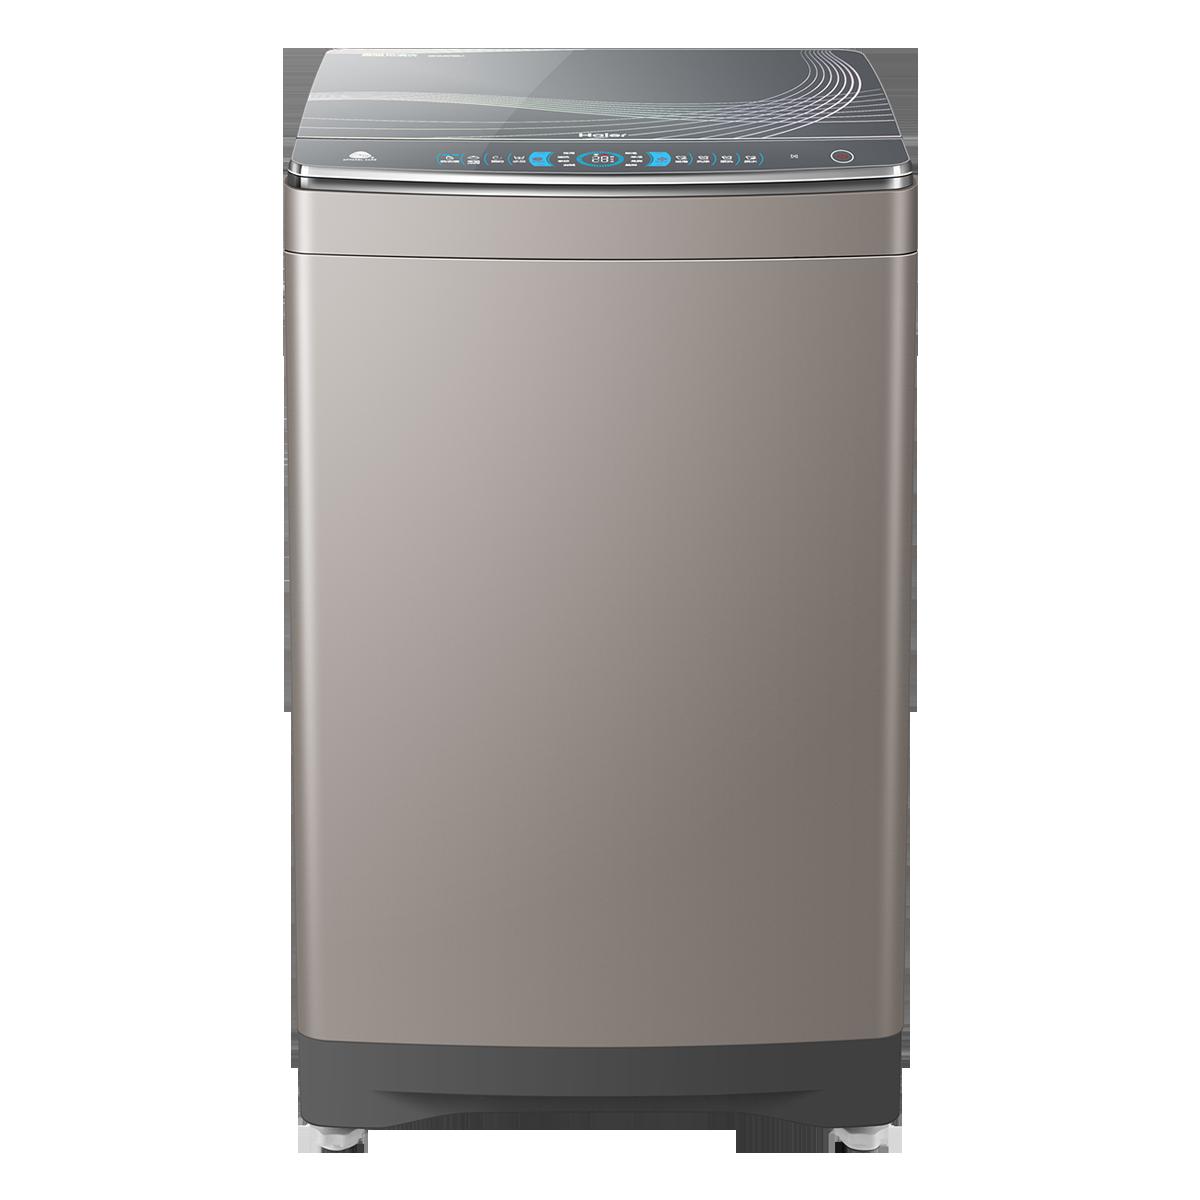 海尔Haier洗衣机 MS120-BDT886U1 说明书